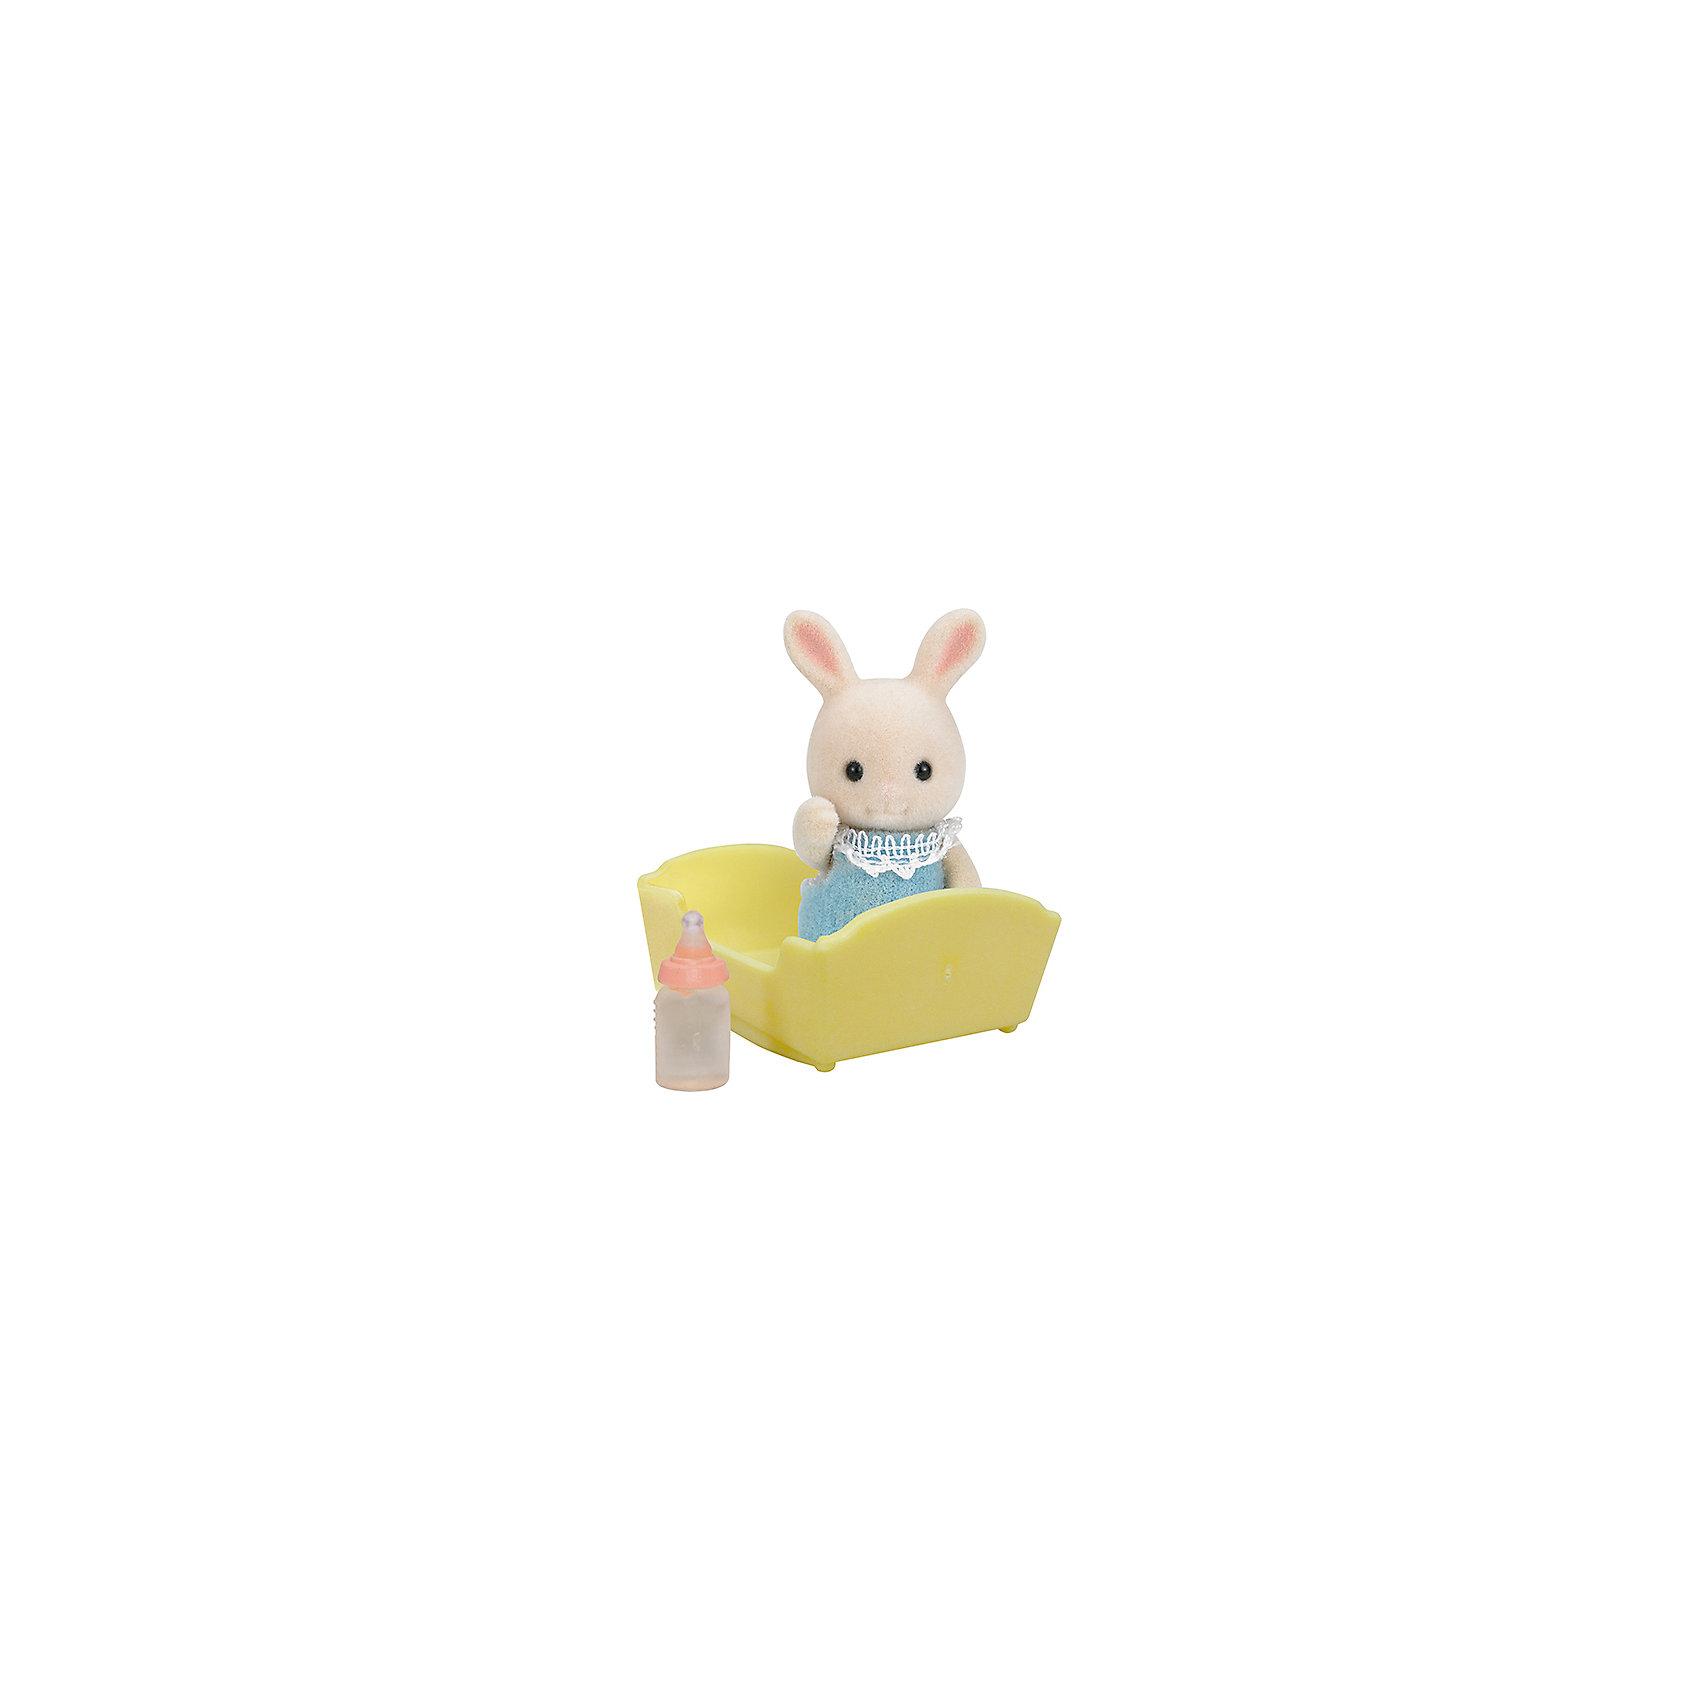 Набор Малыш Молочный Кролик, Sylvanian FamiliesSylvanian Families<br>Набор Малыш Молочный Кролик, Sylvanian Families (Сильваниан Фэмилис). Маленький кролик ищет себе настоящих и верных  друзей. Очаровательный малыш обязательно станет другом вашему ребенку. Он одет в мягкий голубой комбинезон на липучке. Кролик любит, чтобы по вечерам его укладывали спать в колыбельку и давали попить из бутылочки. Фигурка выполнена из гипоаллергенного приятного материала. Игрушка развивает мелкую моторику и фантазию. <br><br>Дополнительная информация:<br><br>- Материал: текстиль, ПВХ с полимерным наполнением, пластмасса<br>- Размер фигурки: 3.5 см<br>- Комплектация: фигурка, колыбель, бутылочка.<br><br>Набор Малыш Молочный Кролик, Sylvanian Families (Сильваниан Фэмилис) можно купить в нашем магазине.<br><br>Ширина мм: 119<br>Глубина мм: 75<br>Высота мм: 39<br>Вес г: 35<br>Возраст от месяцев: 36<br>Возраст до месяцев: 72<br>Пол: Женский<br>Возраст: Детский<br>SKU: 3549196